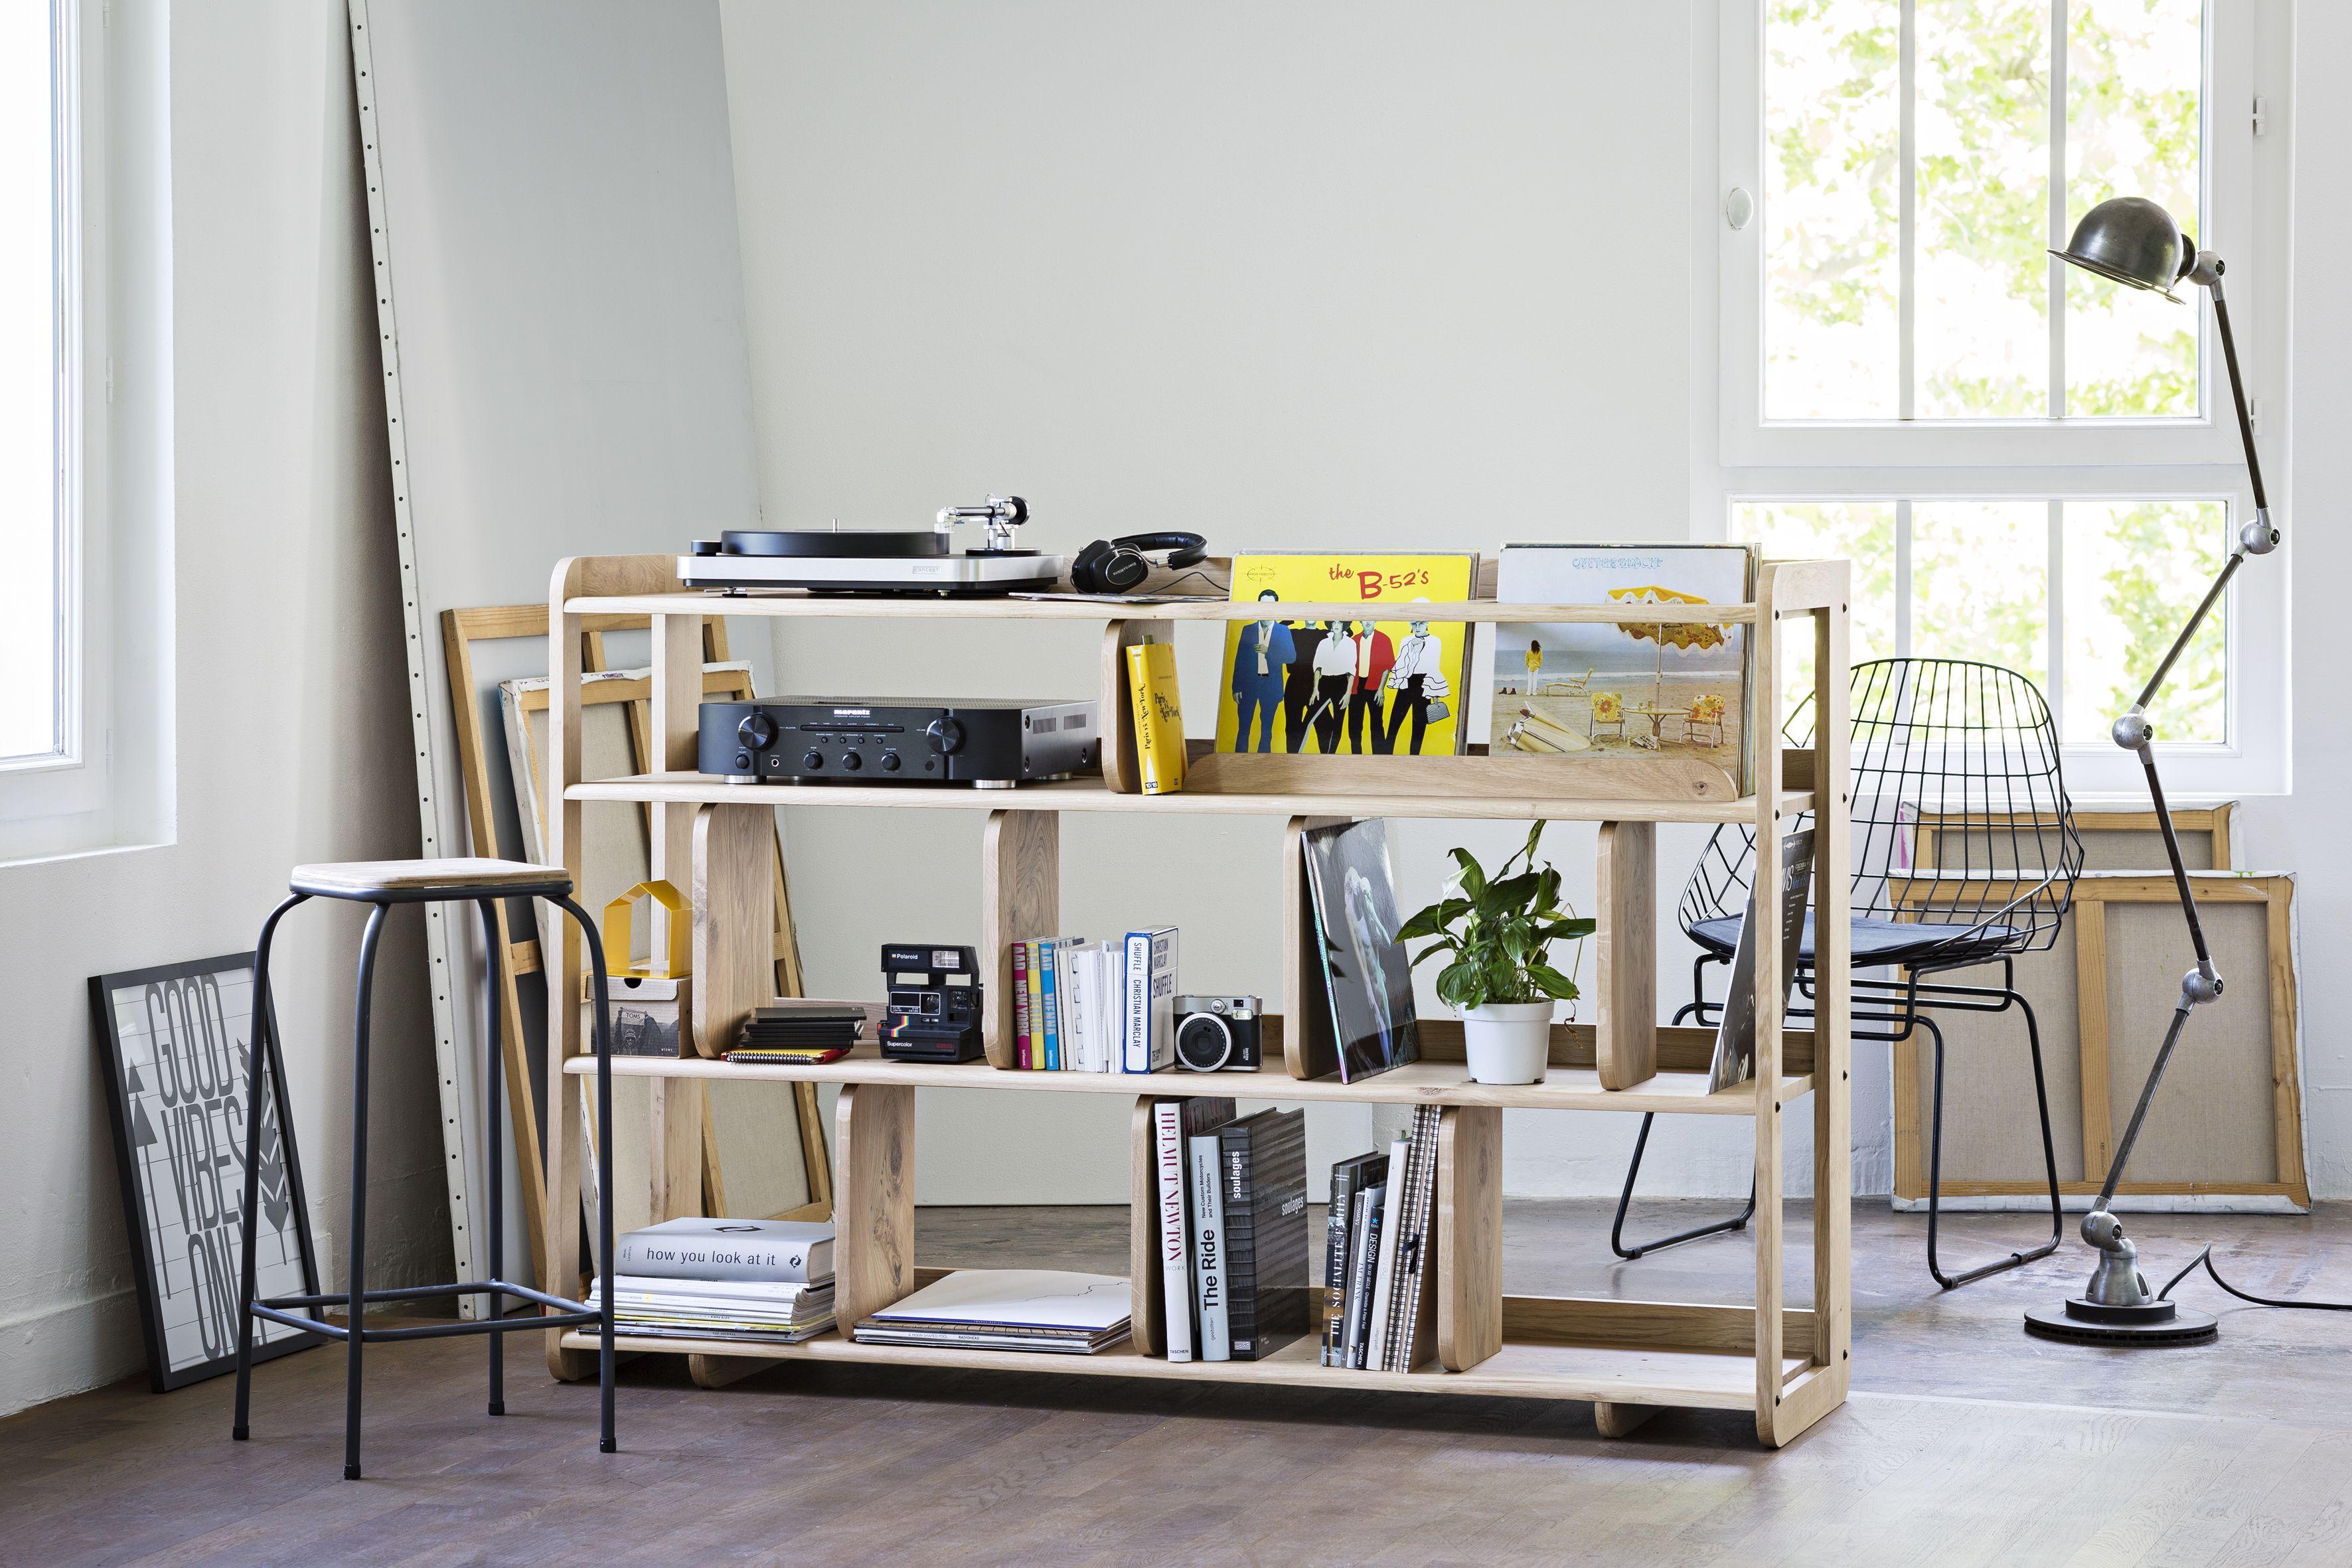 meuble pour platine vinyl fashion designs. Black Bedroom Furniture Sets. Home Design Ideas